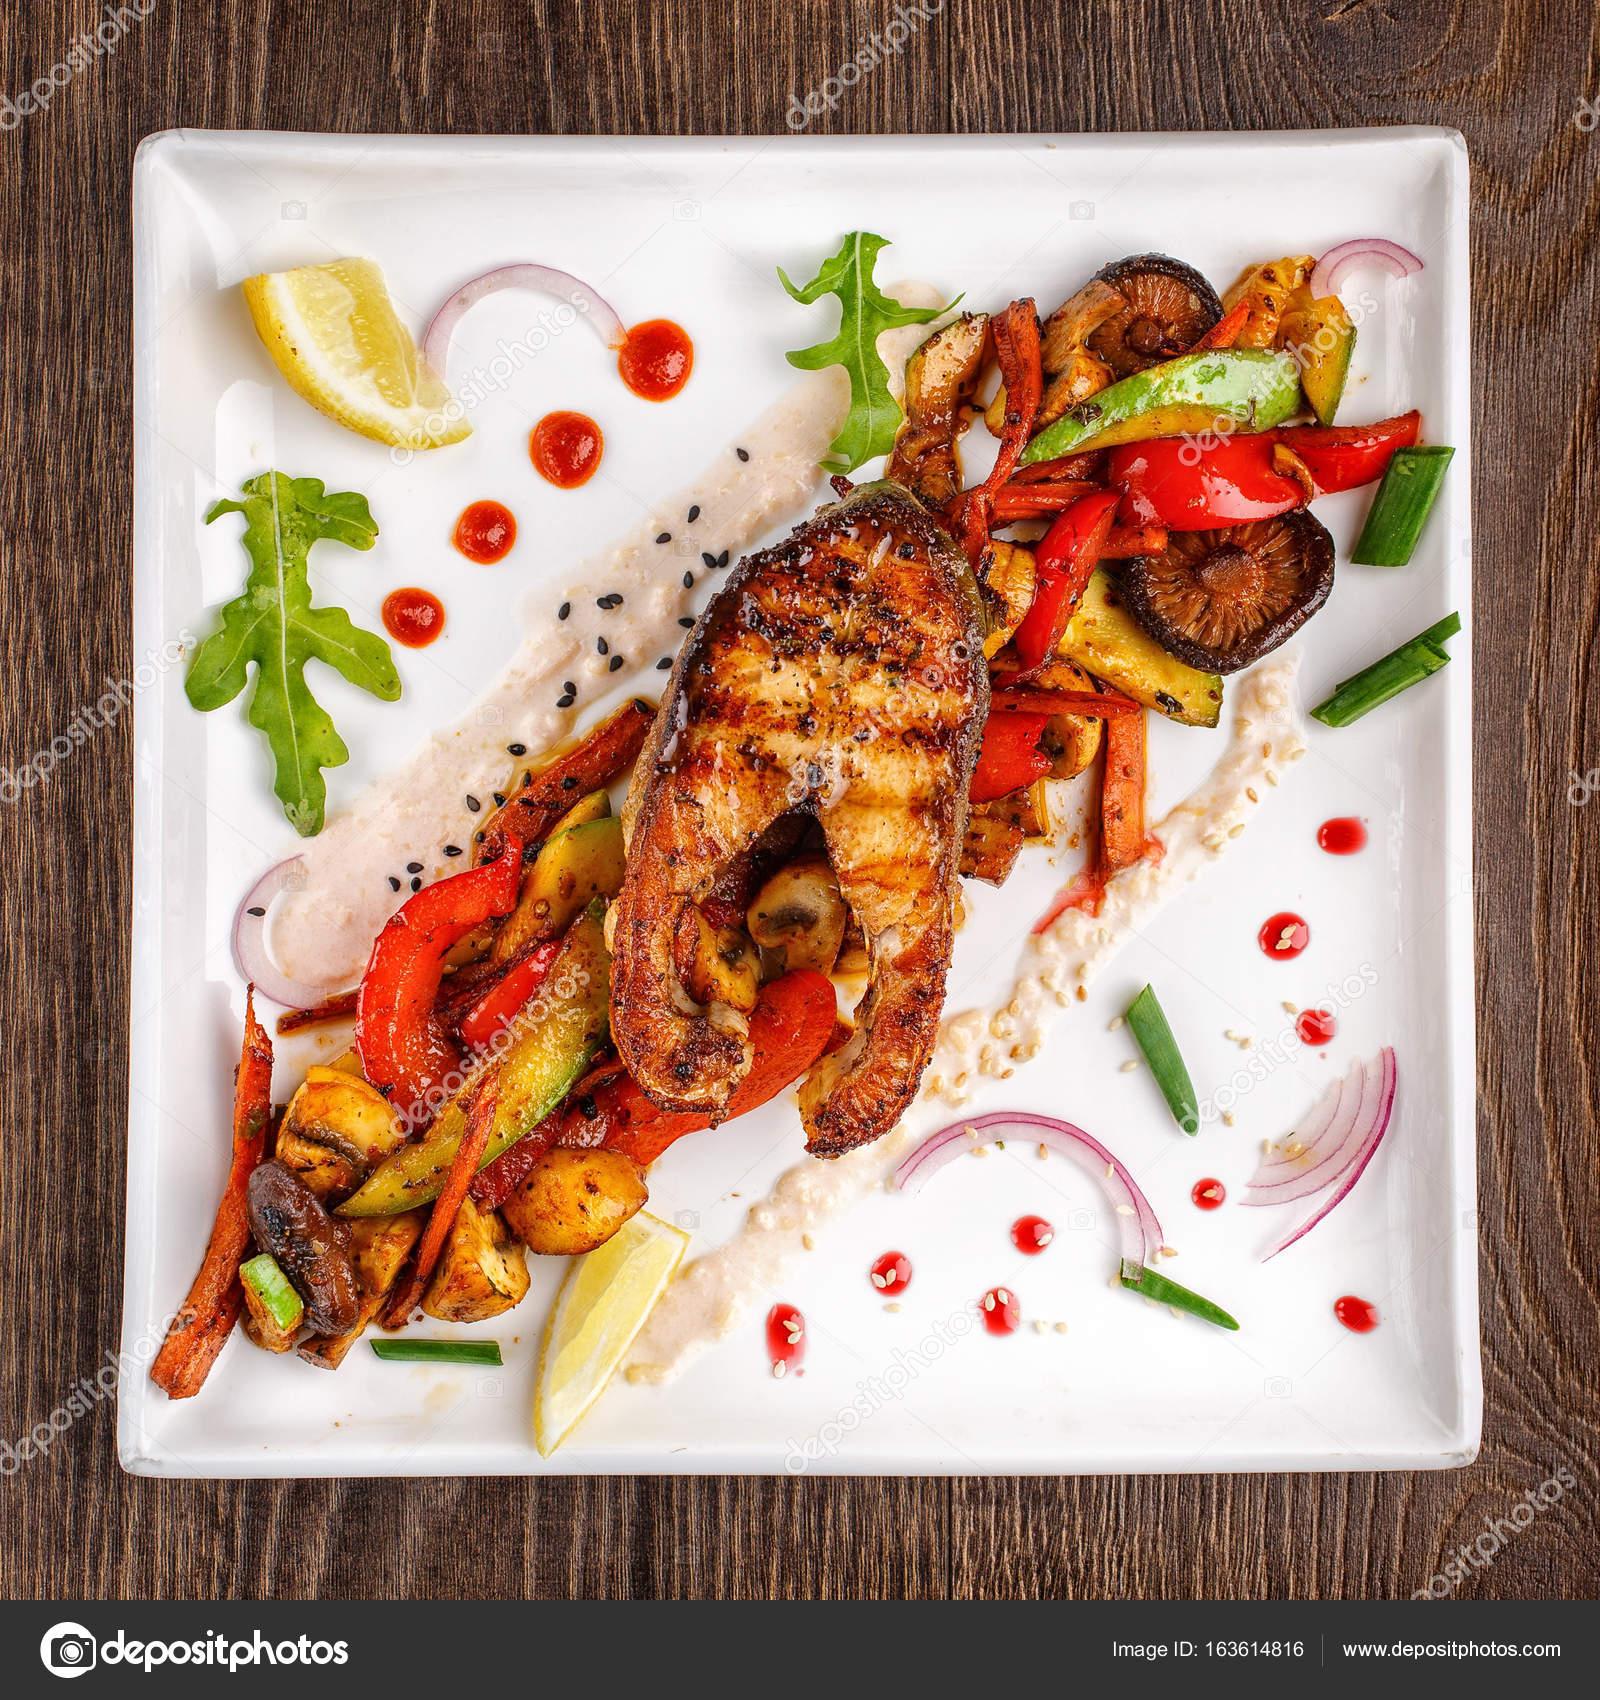 Restaurant Food Grilled Food Grilled Vegetables Grilled